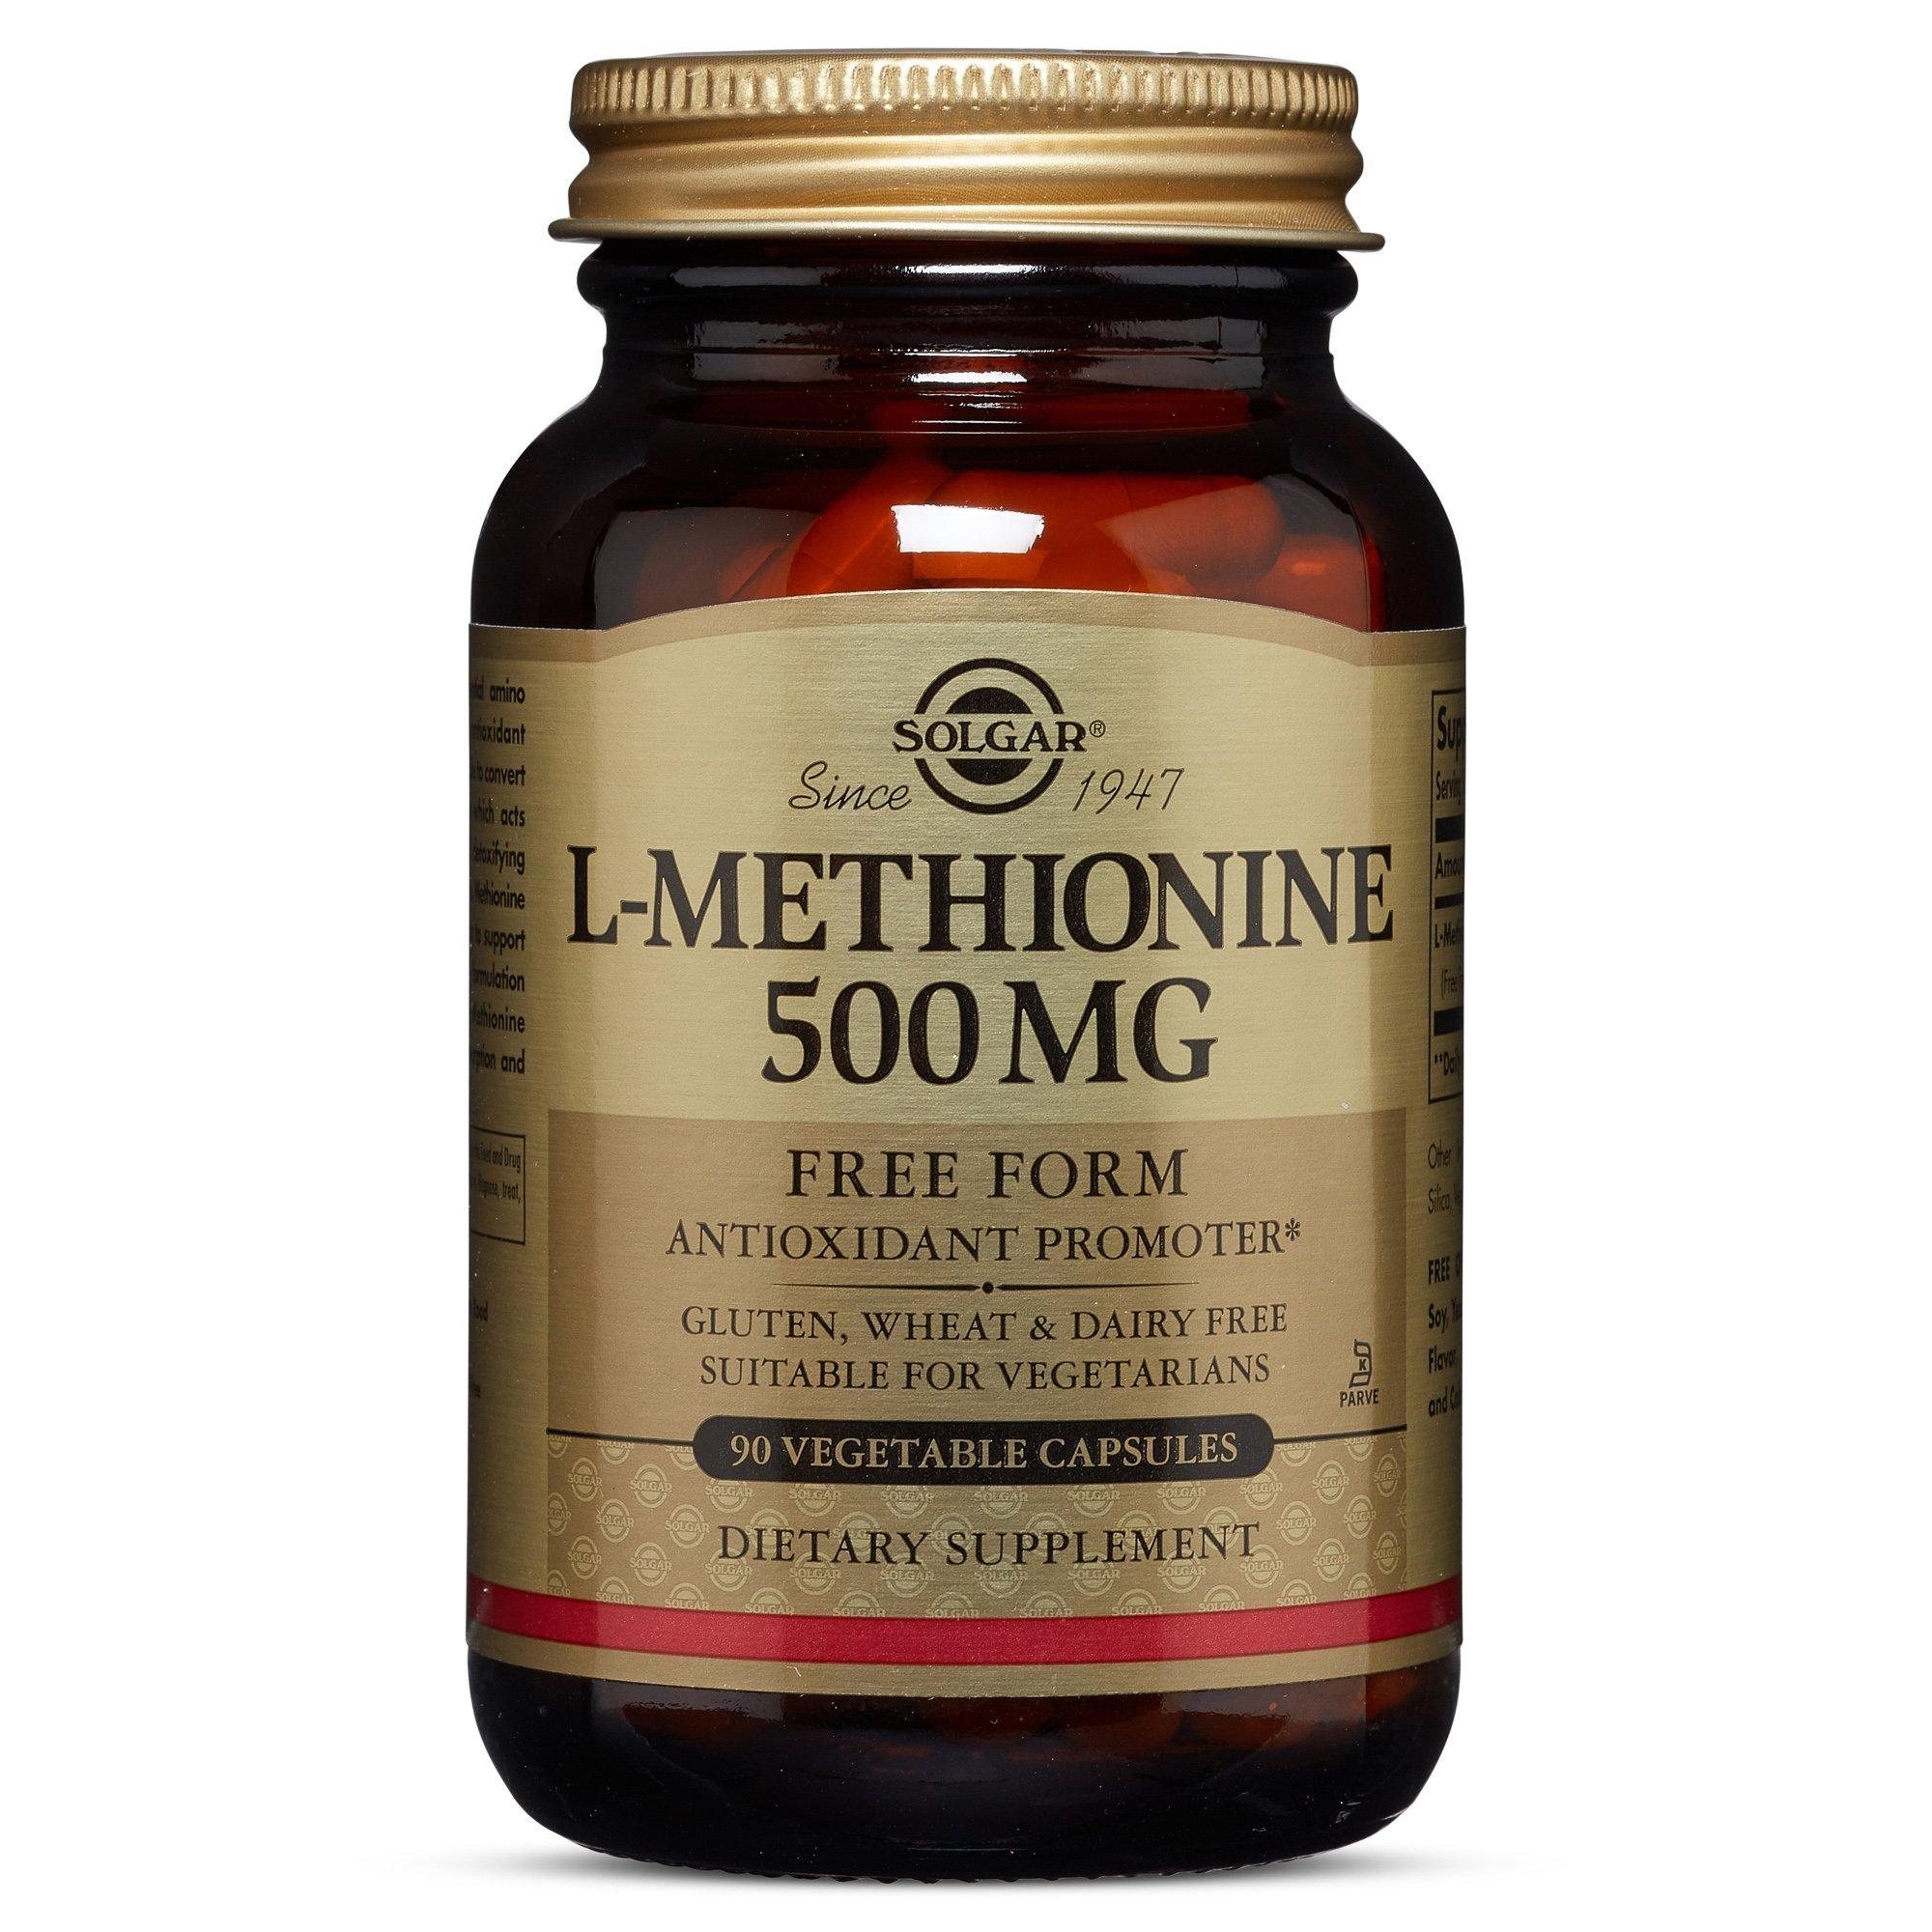 Solgar – L-Methionine 500 mg, 90 Vegetable Capsules